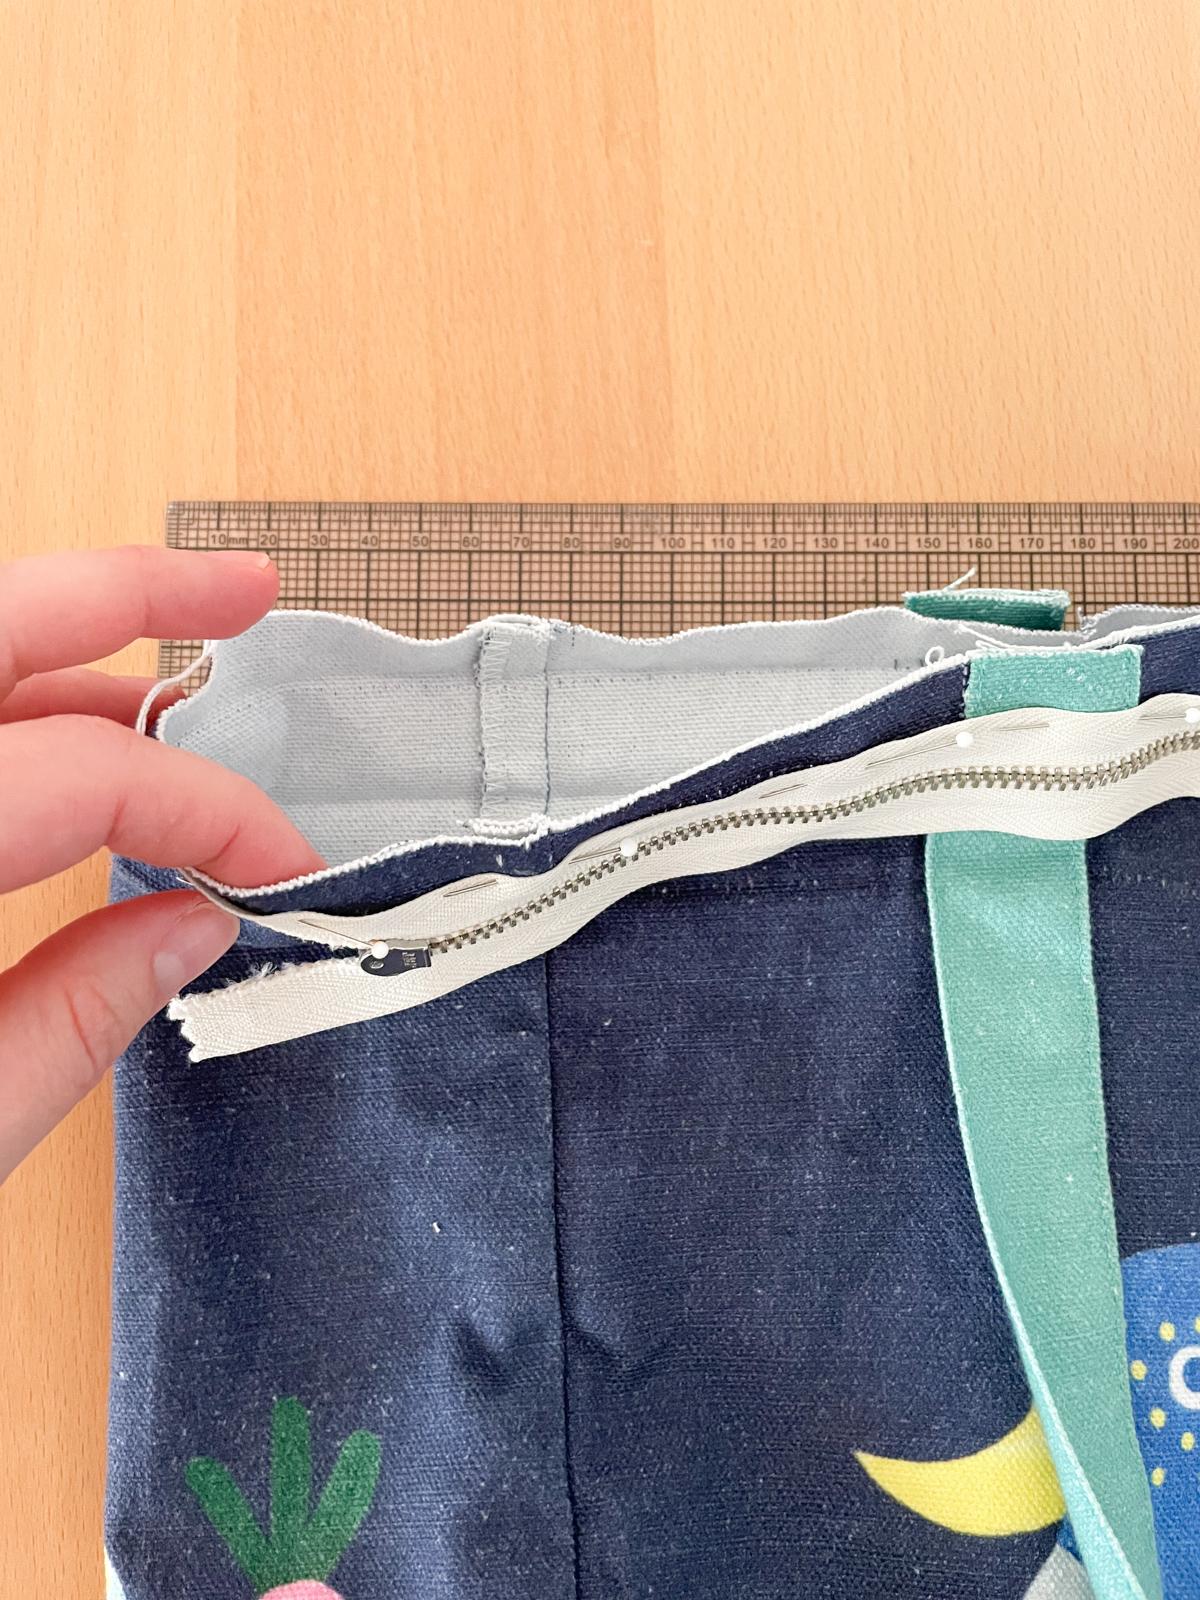 How to Add a Zip to a Tote Bag | Step 3, pin zip to bag right sides together. Megan Nielsen Patterns Blog